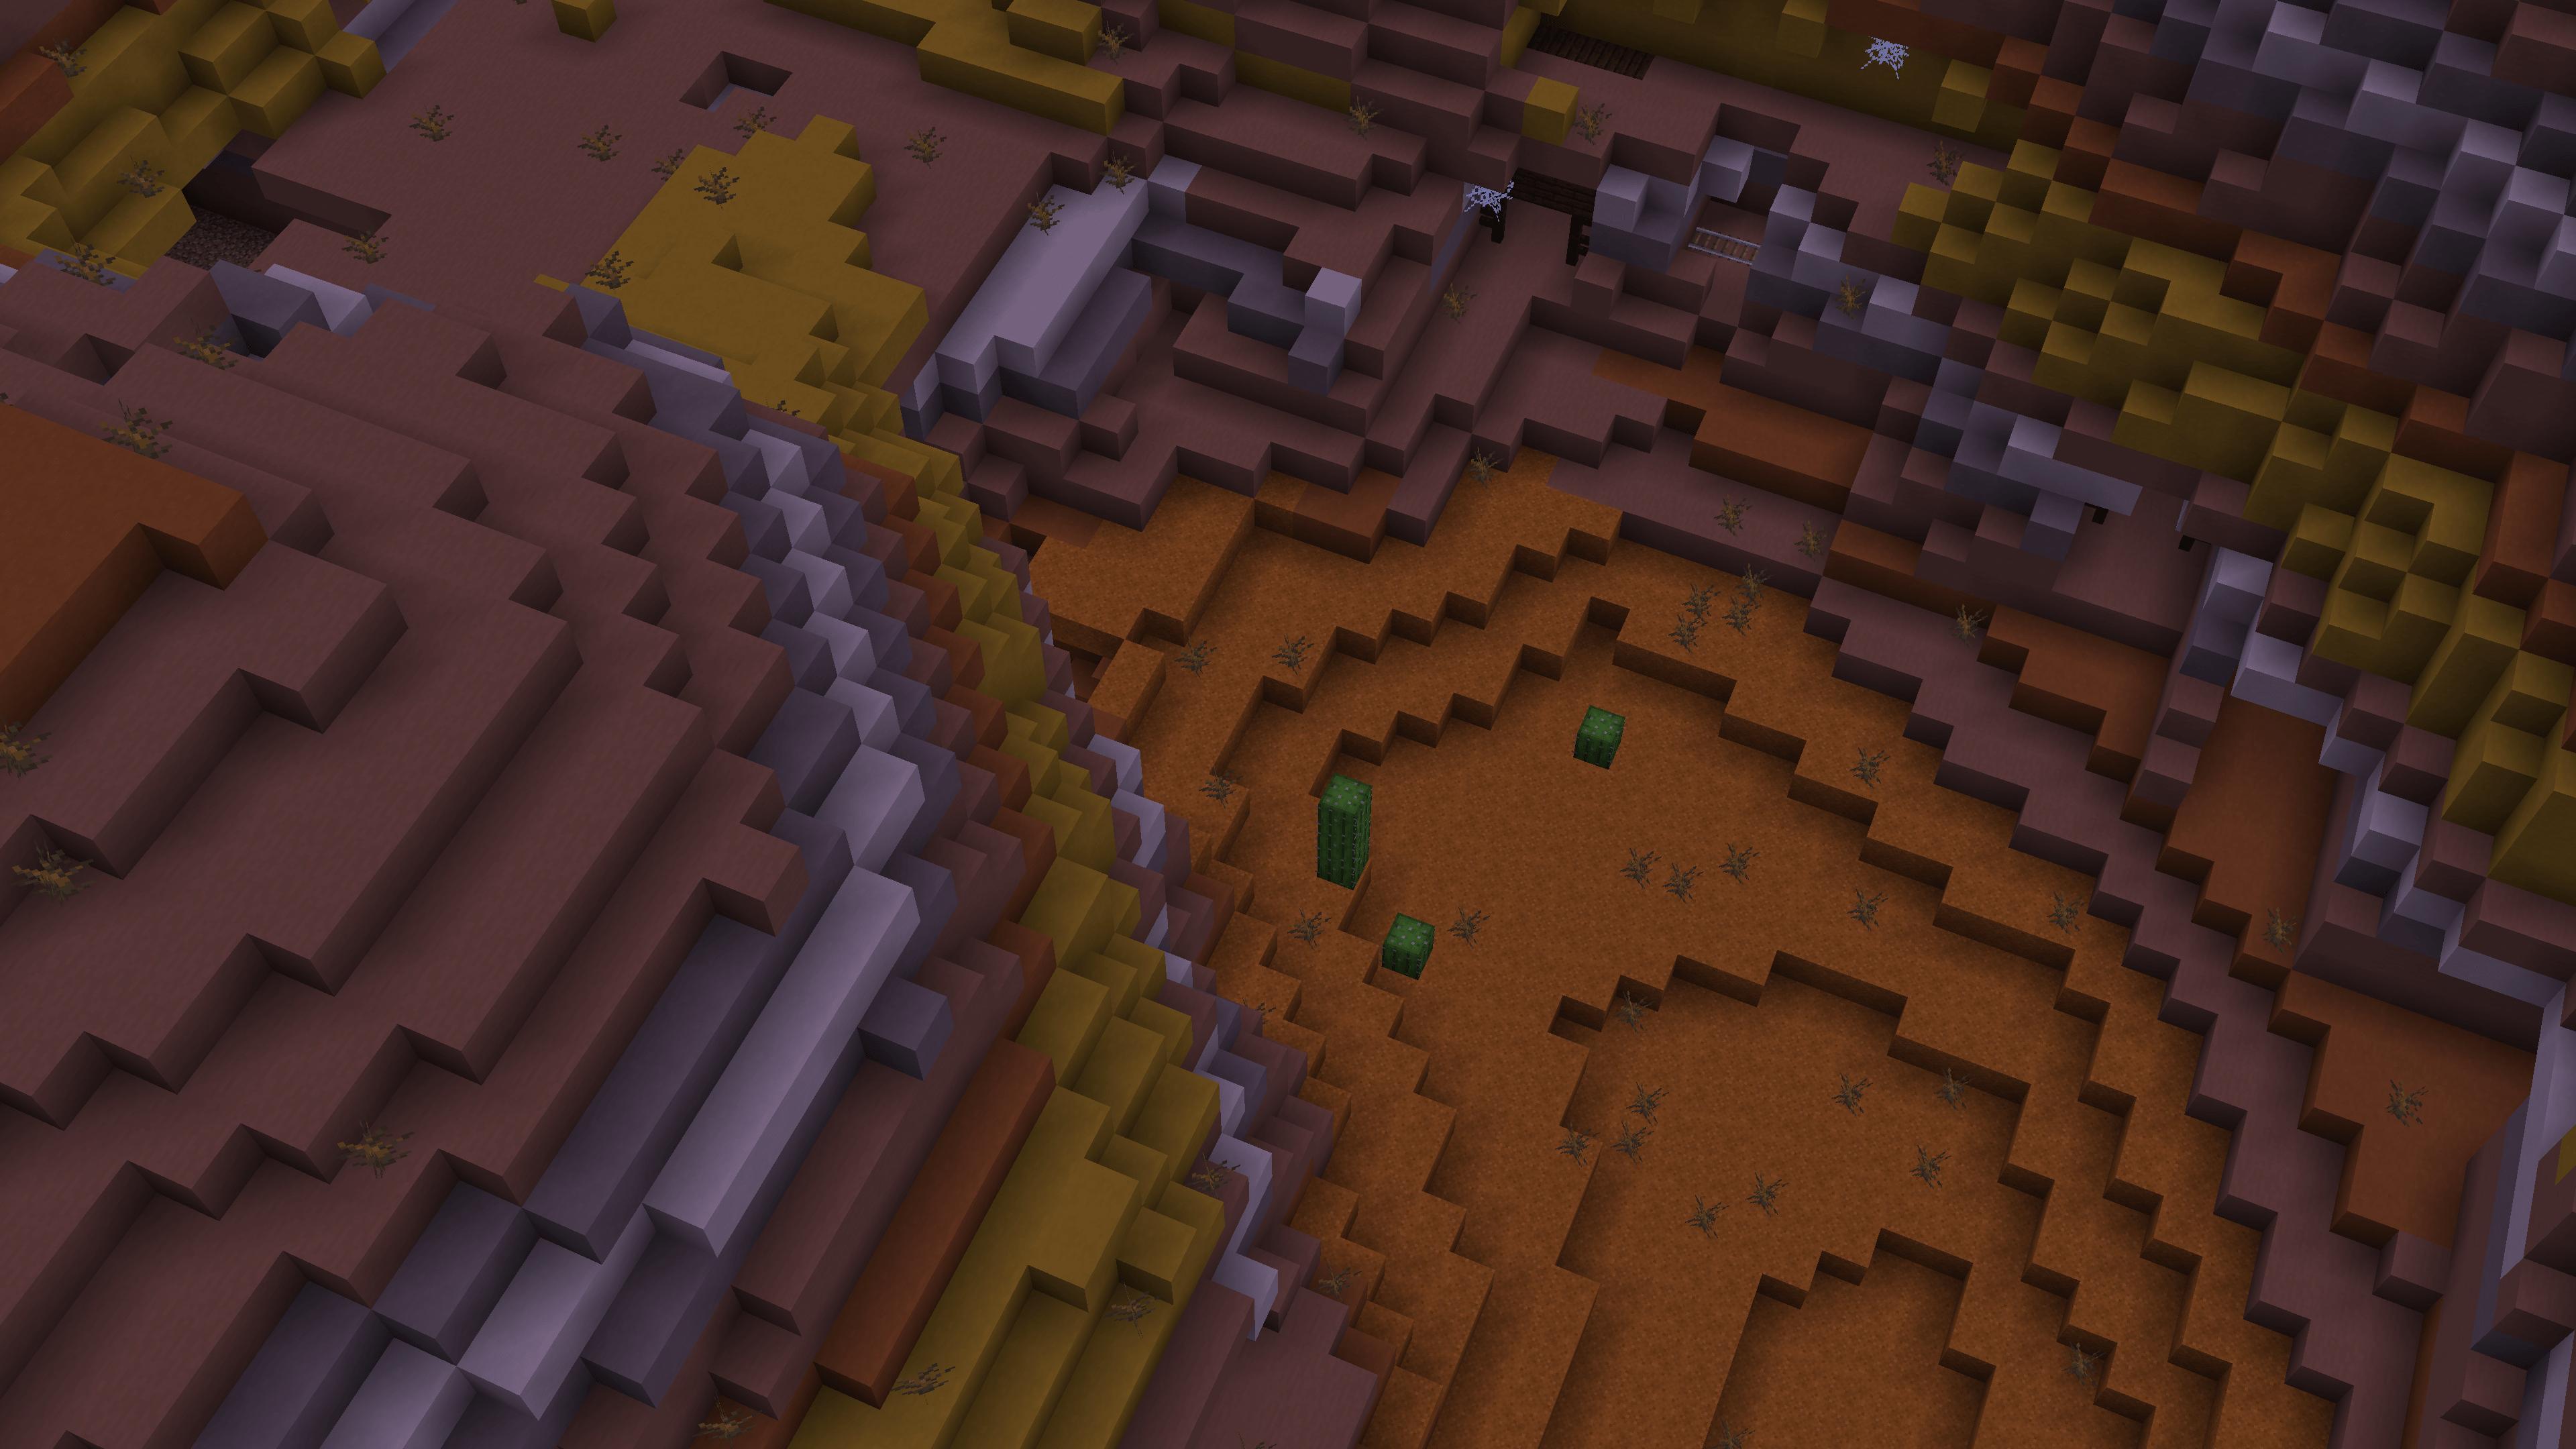 Ho usato MineAtlas e un po' di modalità Spettatore per andare più veloce. Mi sono orientato con successo in Minecraft e ho trovato il bioma arancione.